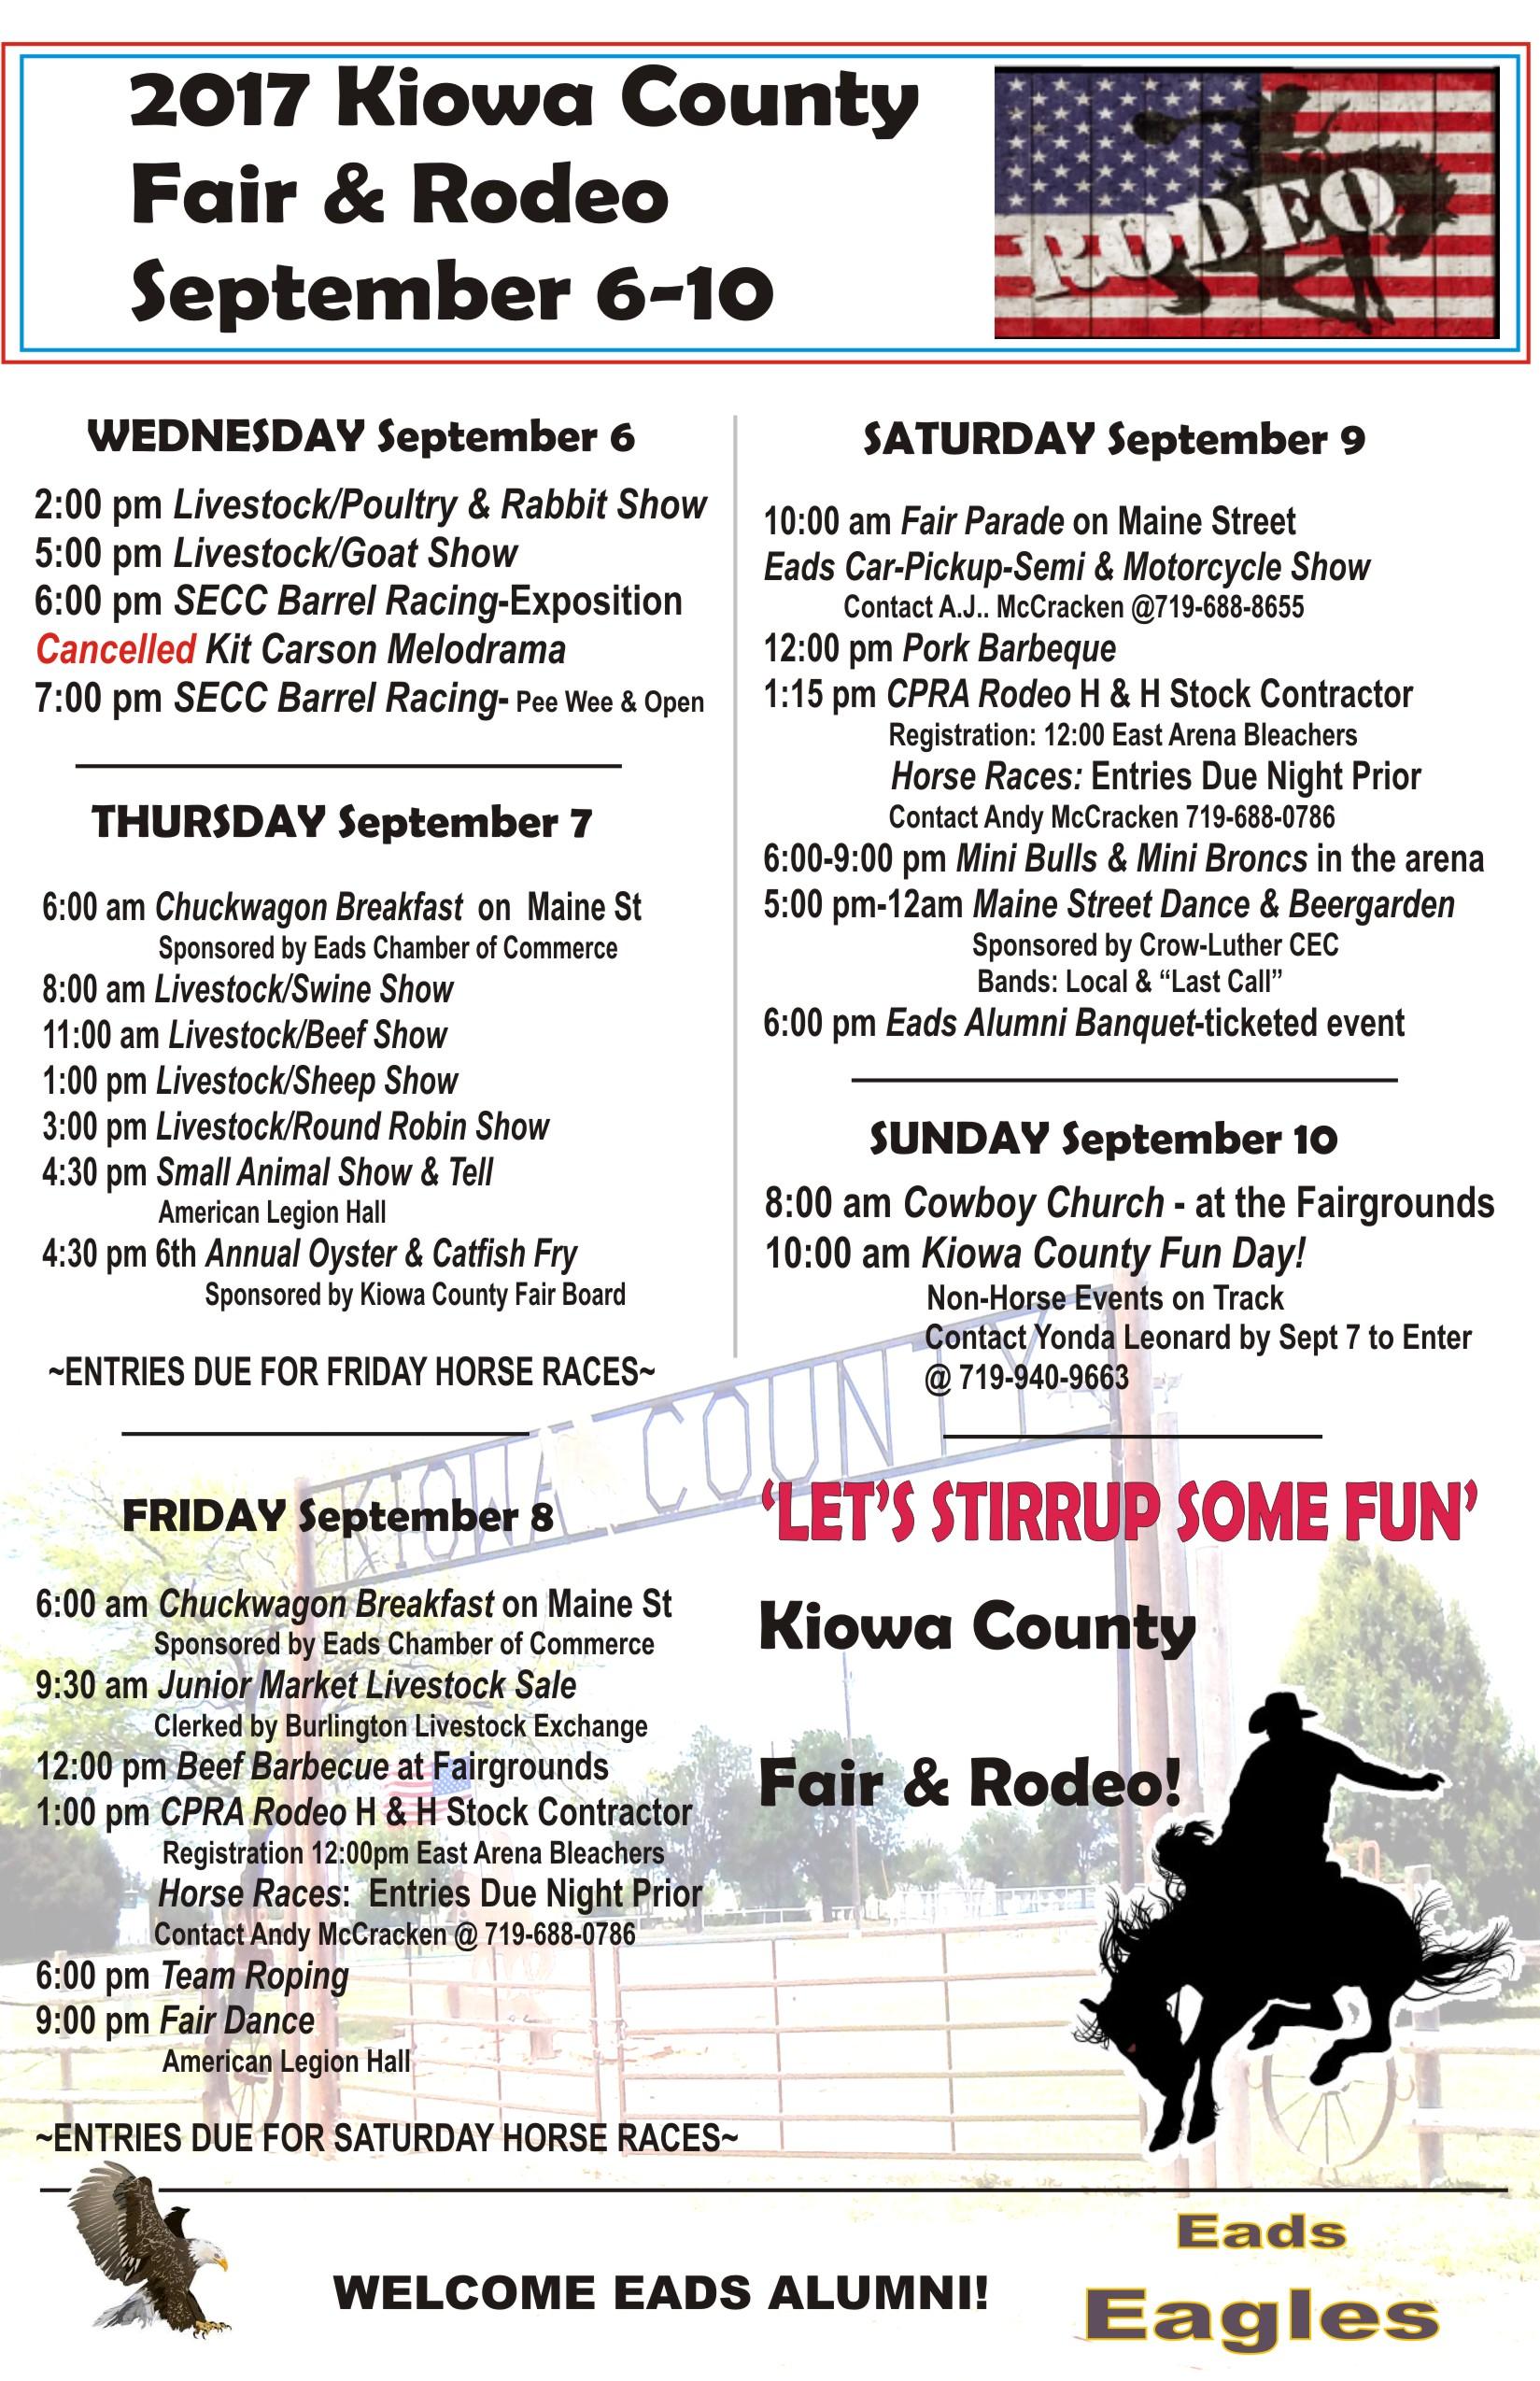 ADV - 2017 Kiowa County Fair Events